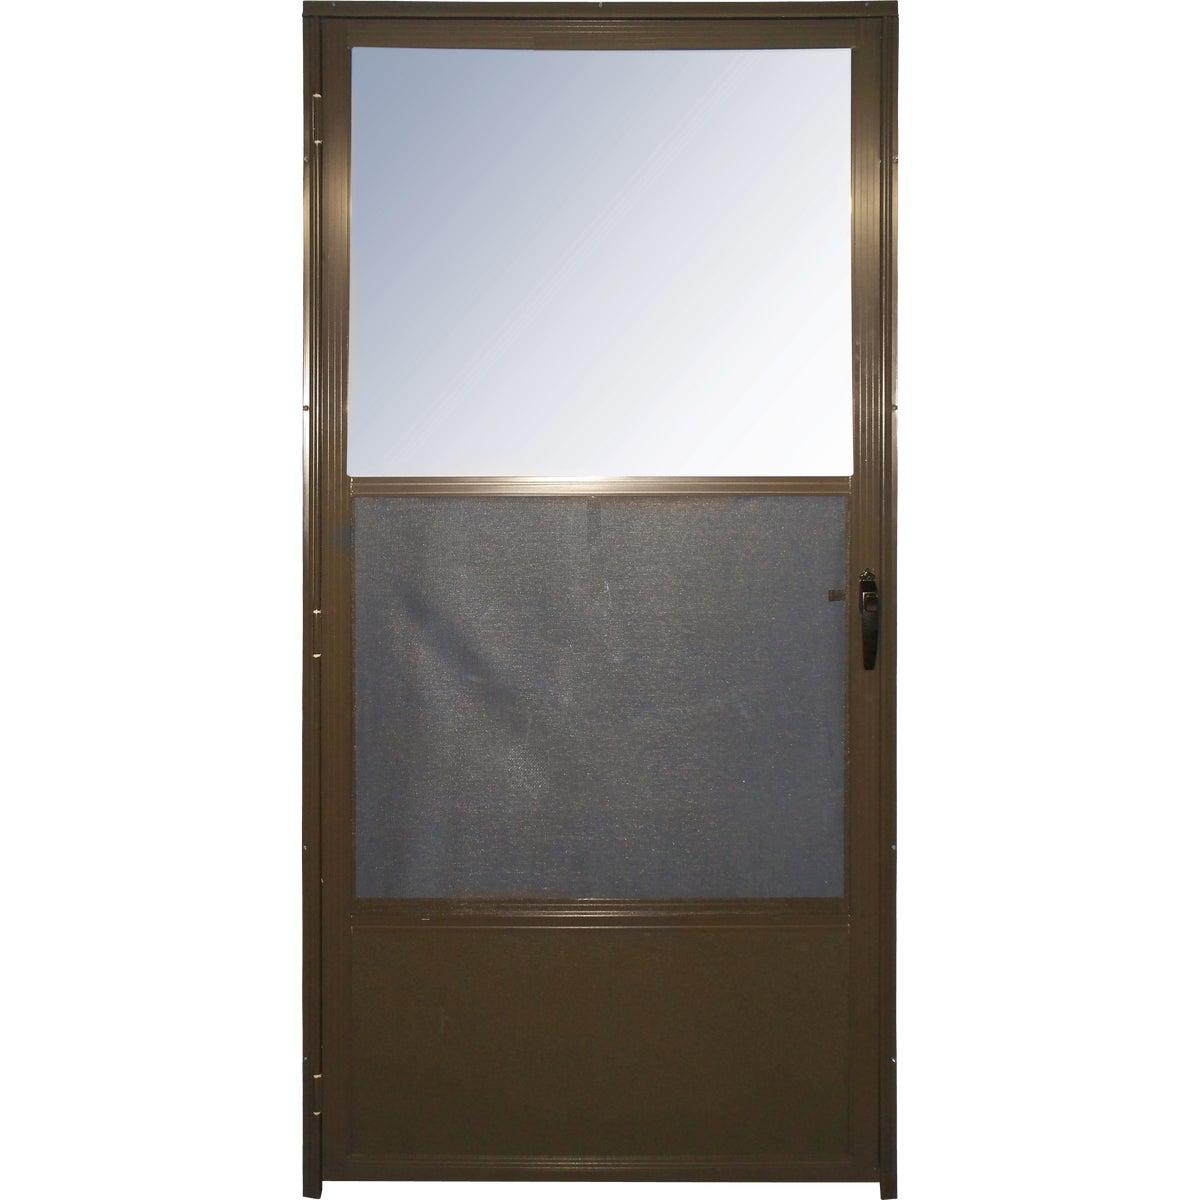 163 3068 RH BRZ DOOR